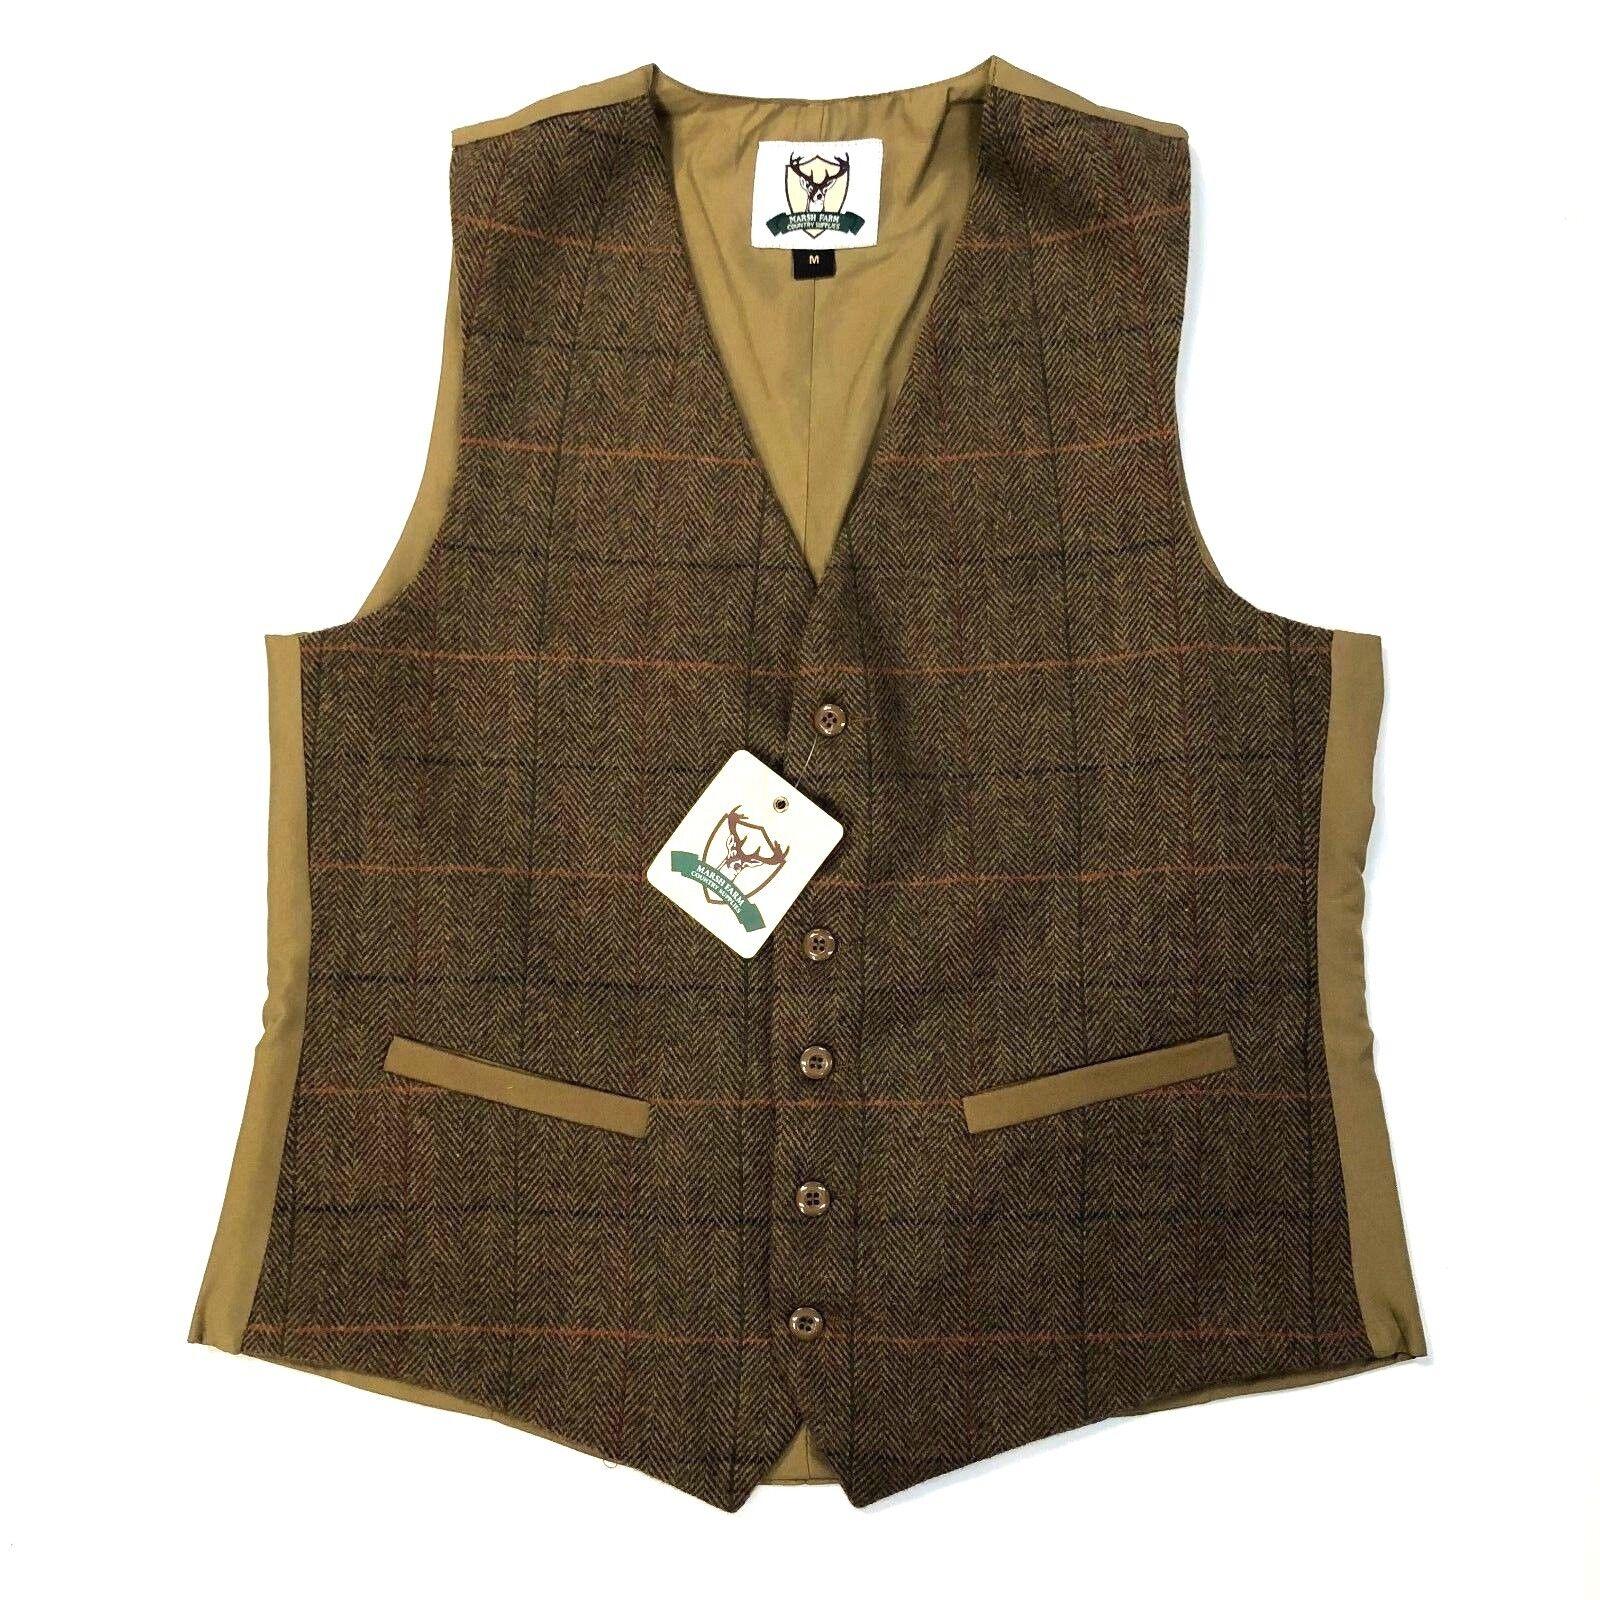 País Tweed Vestido Chaleco Chaleco Herringbone Luz Marrón Beige  W. Naranja cheque  alta calidad general